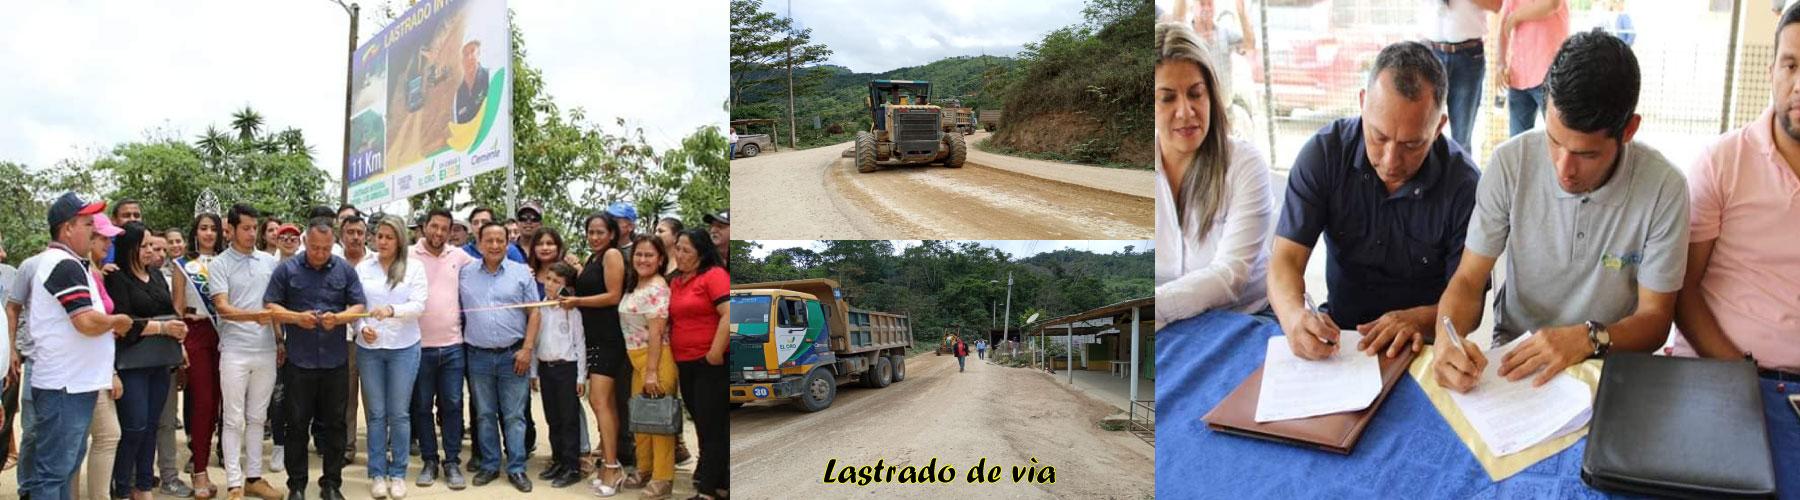 LASTRADO-DE-VIA.jpg